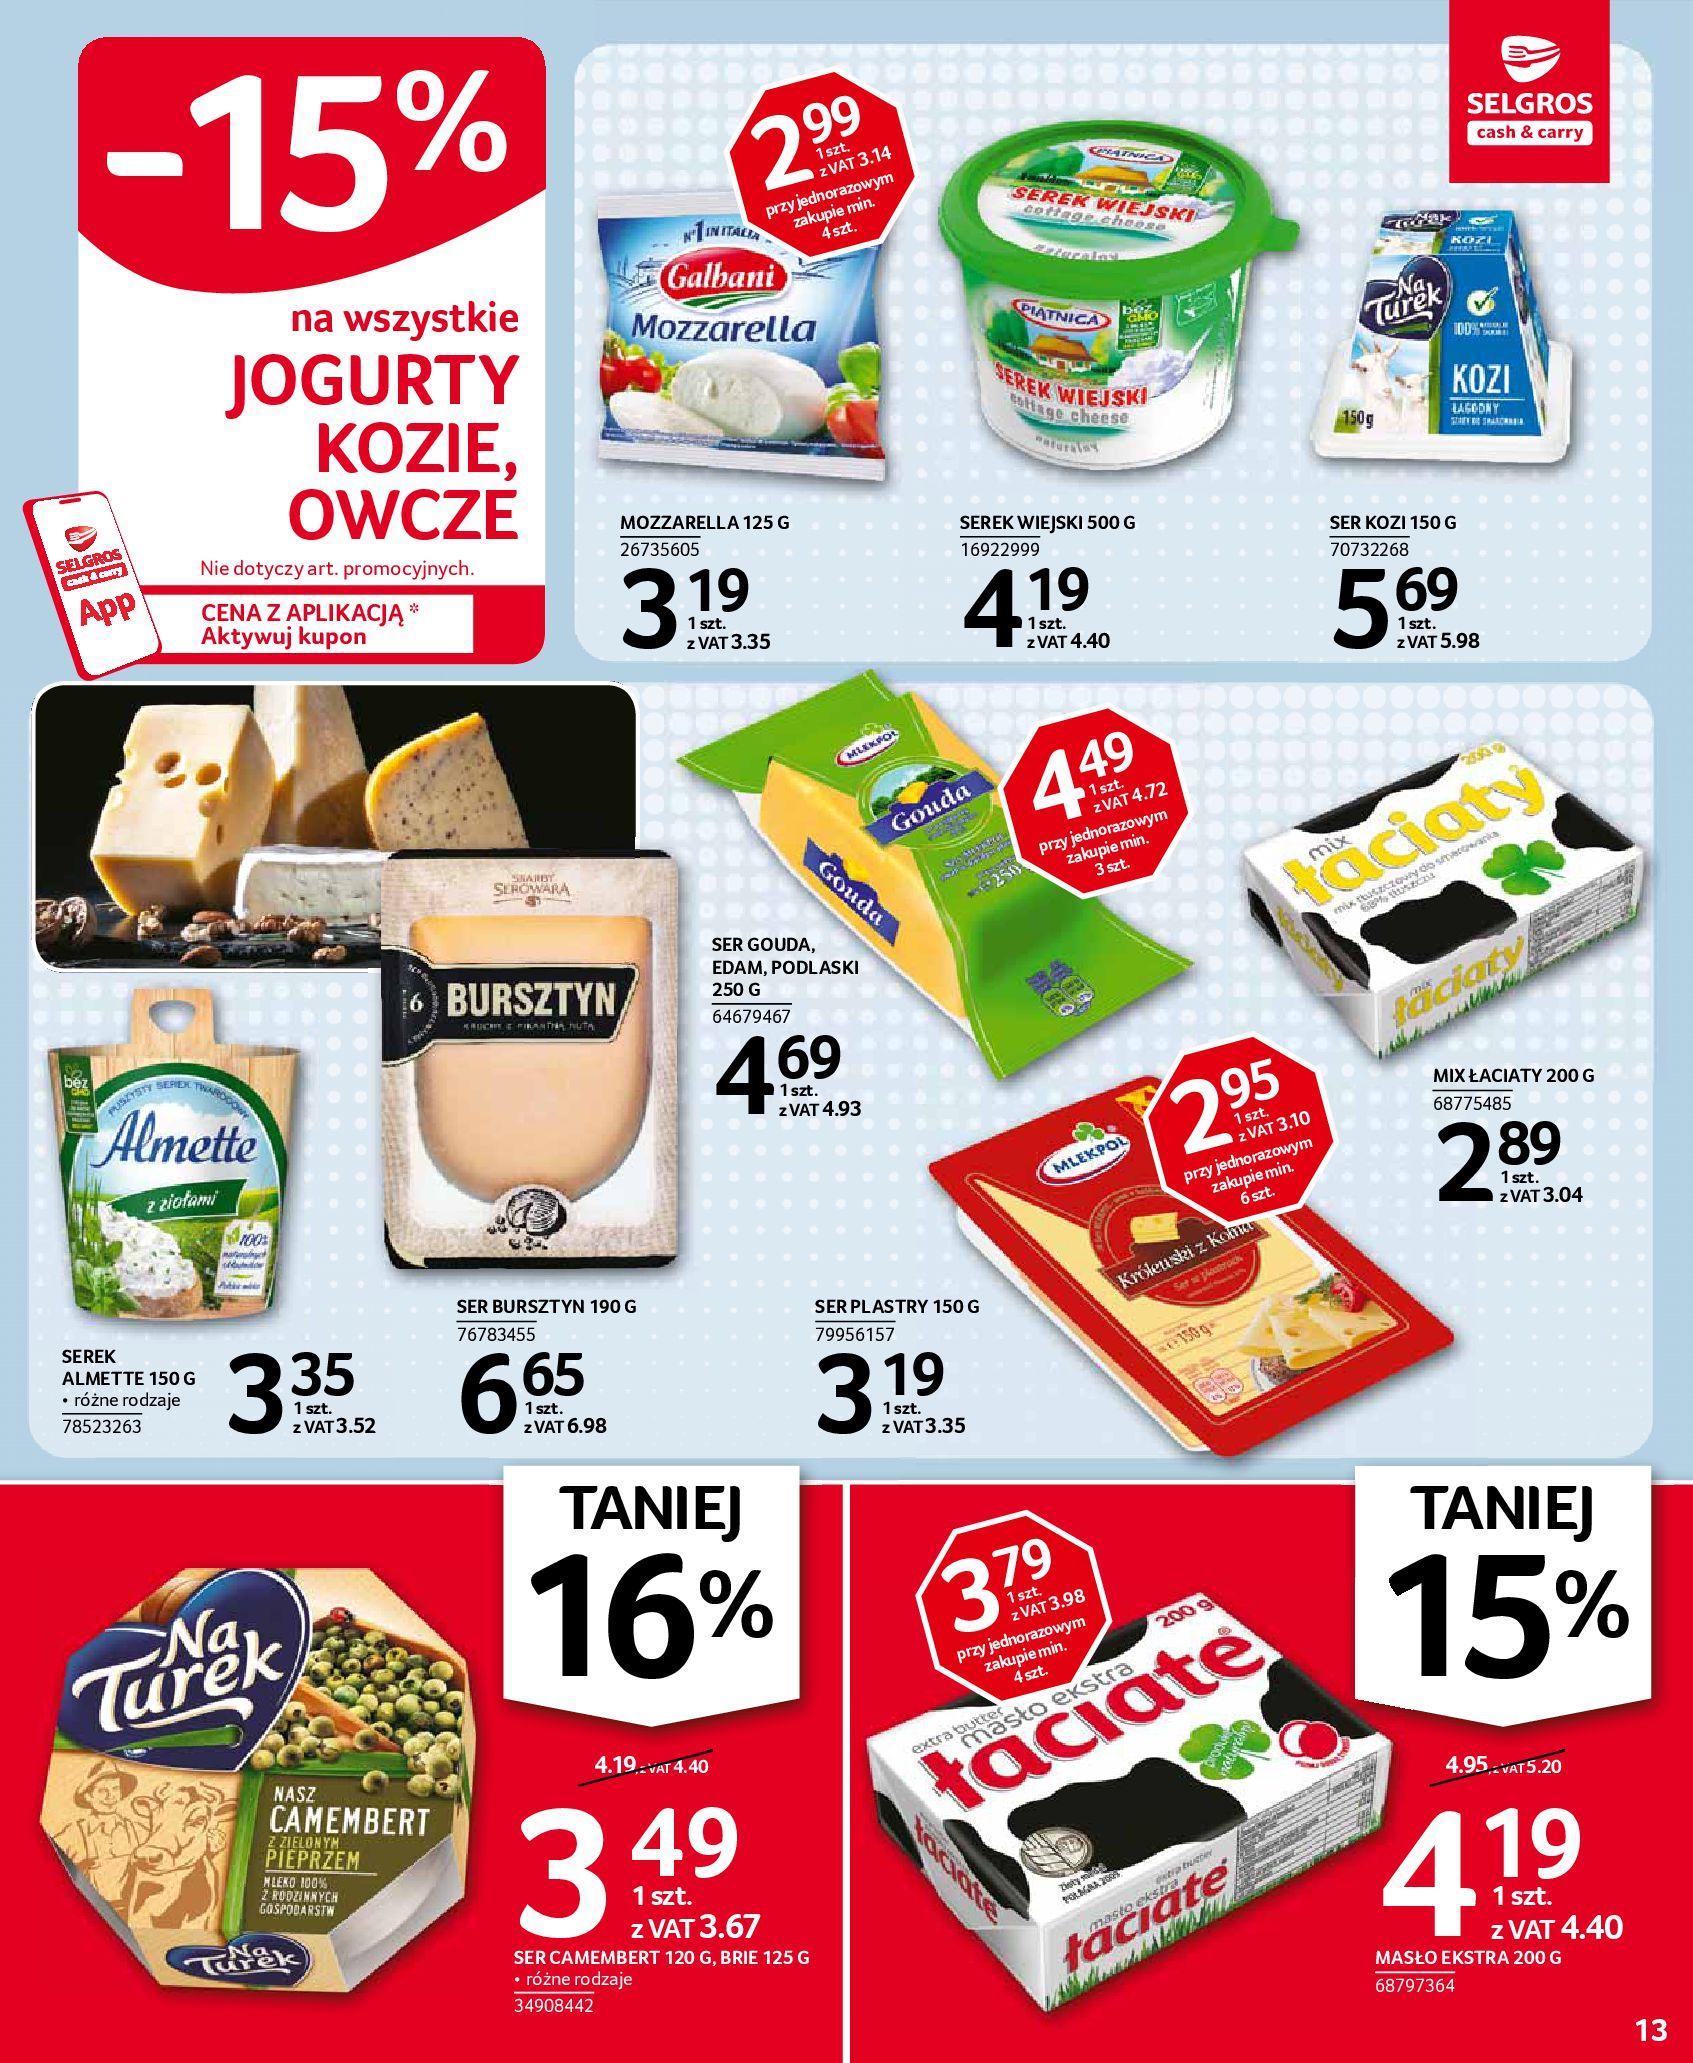 Gazetka Selgros: Oferta spożywcza 2021-01-07 page-13